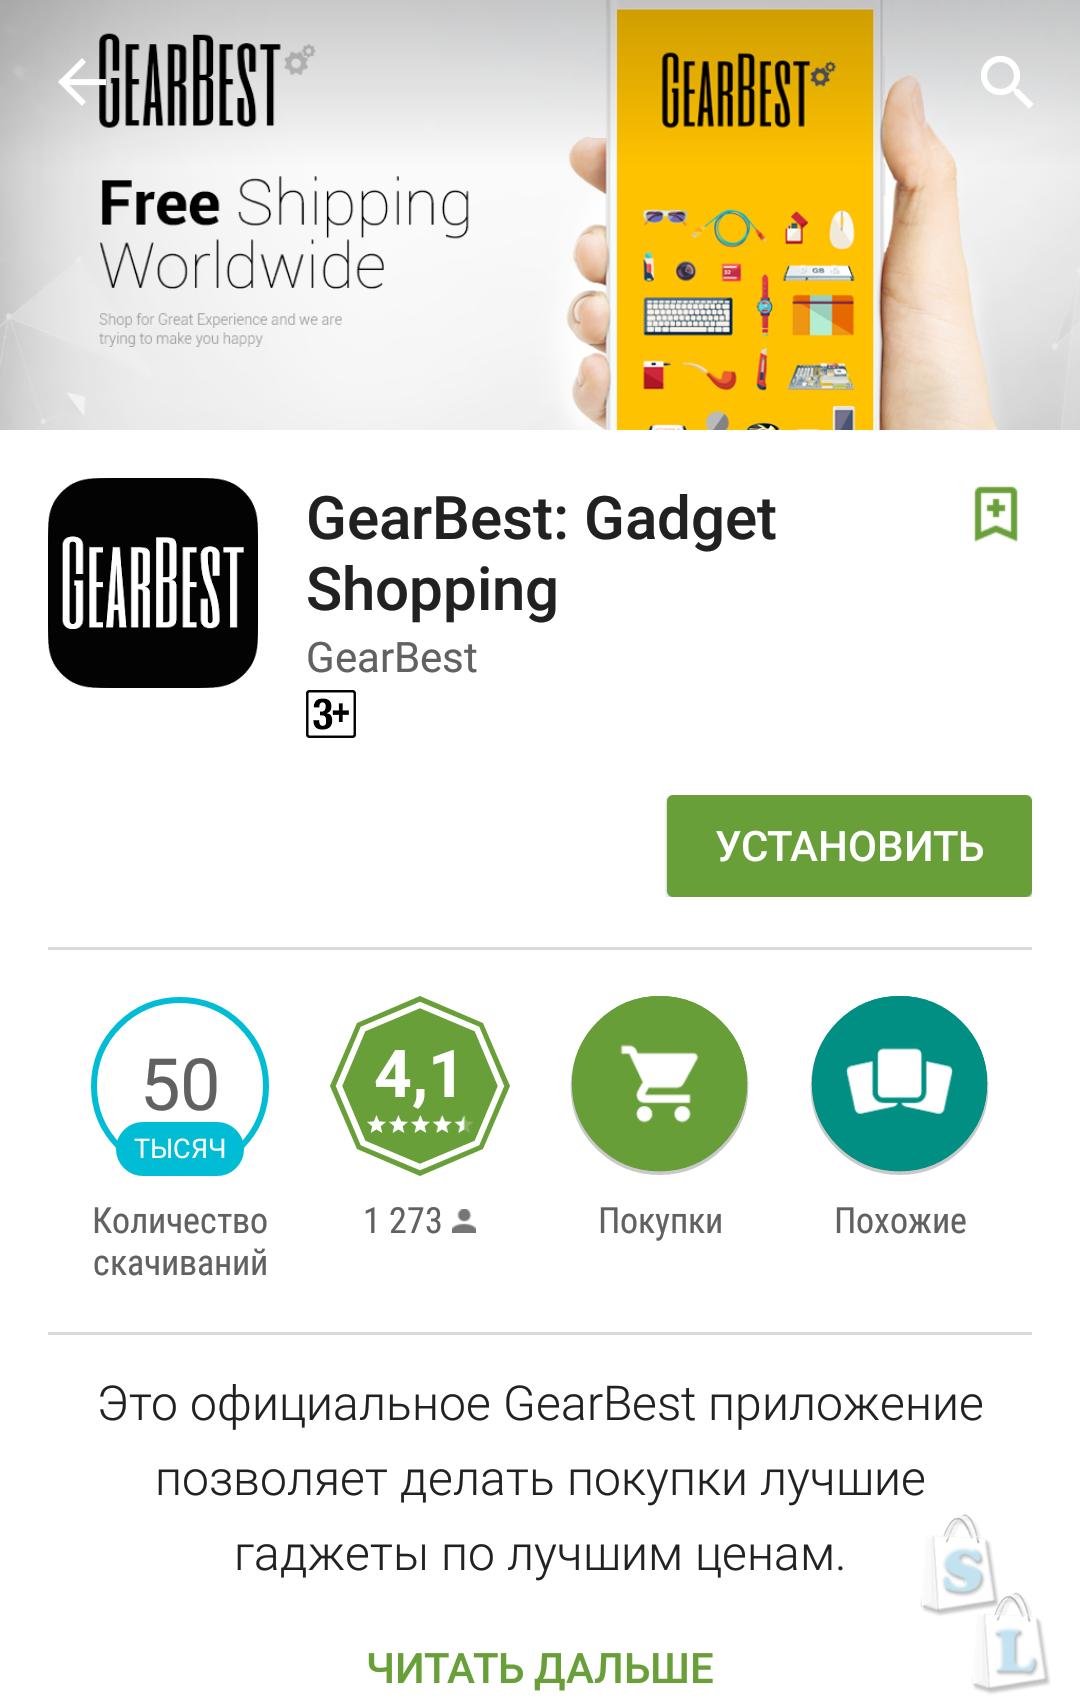 GearBest: Мобильное приложение для покупок в магазине Gearbest, обзор установка скачать на Android